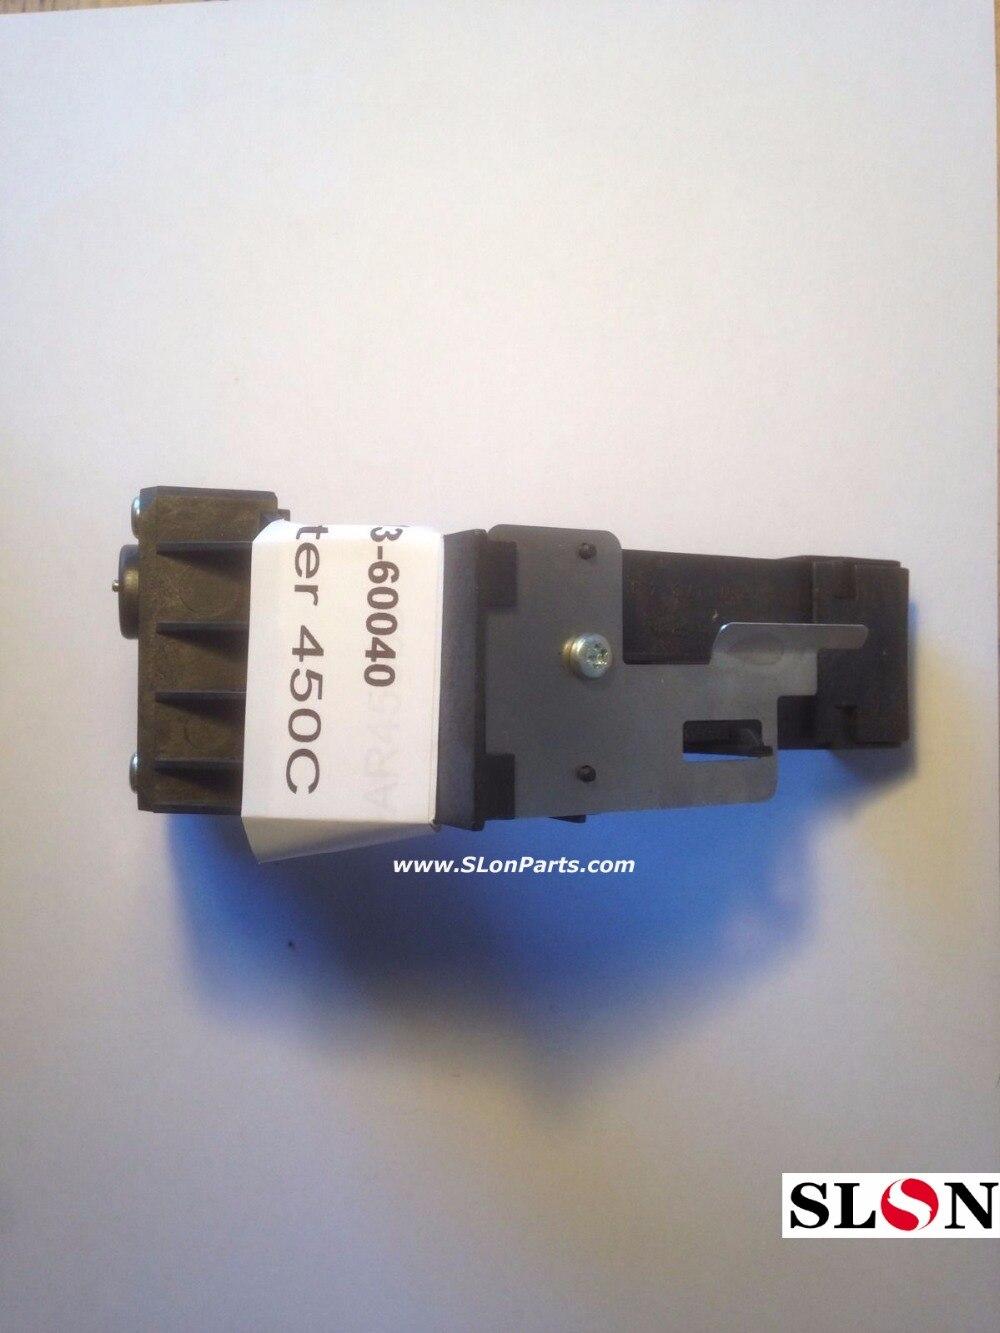 C4713-60040 for HP Designjet 430 450C 455CA 488CA Cutter Assy